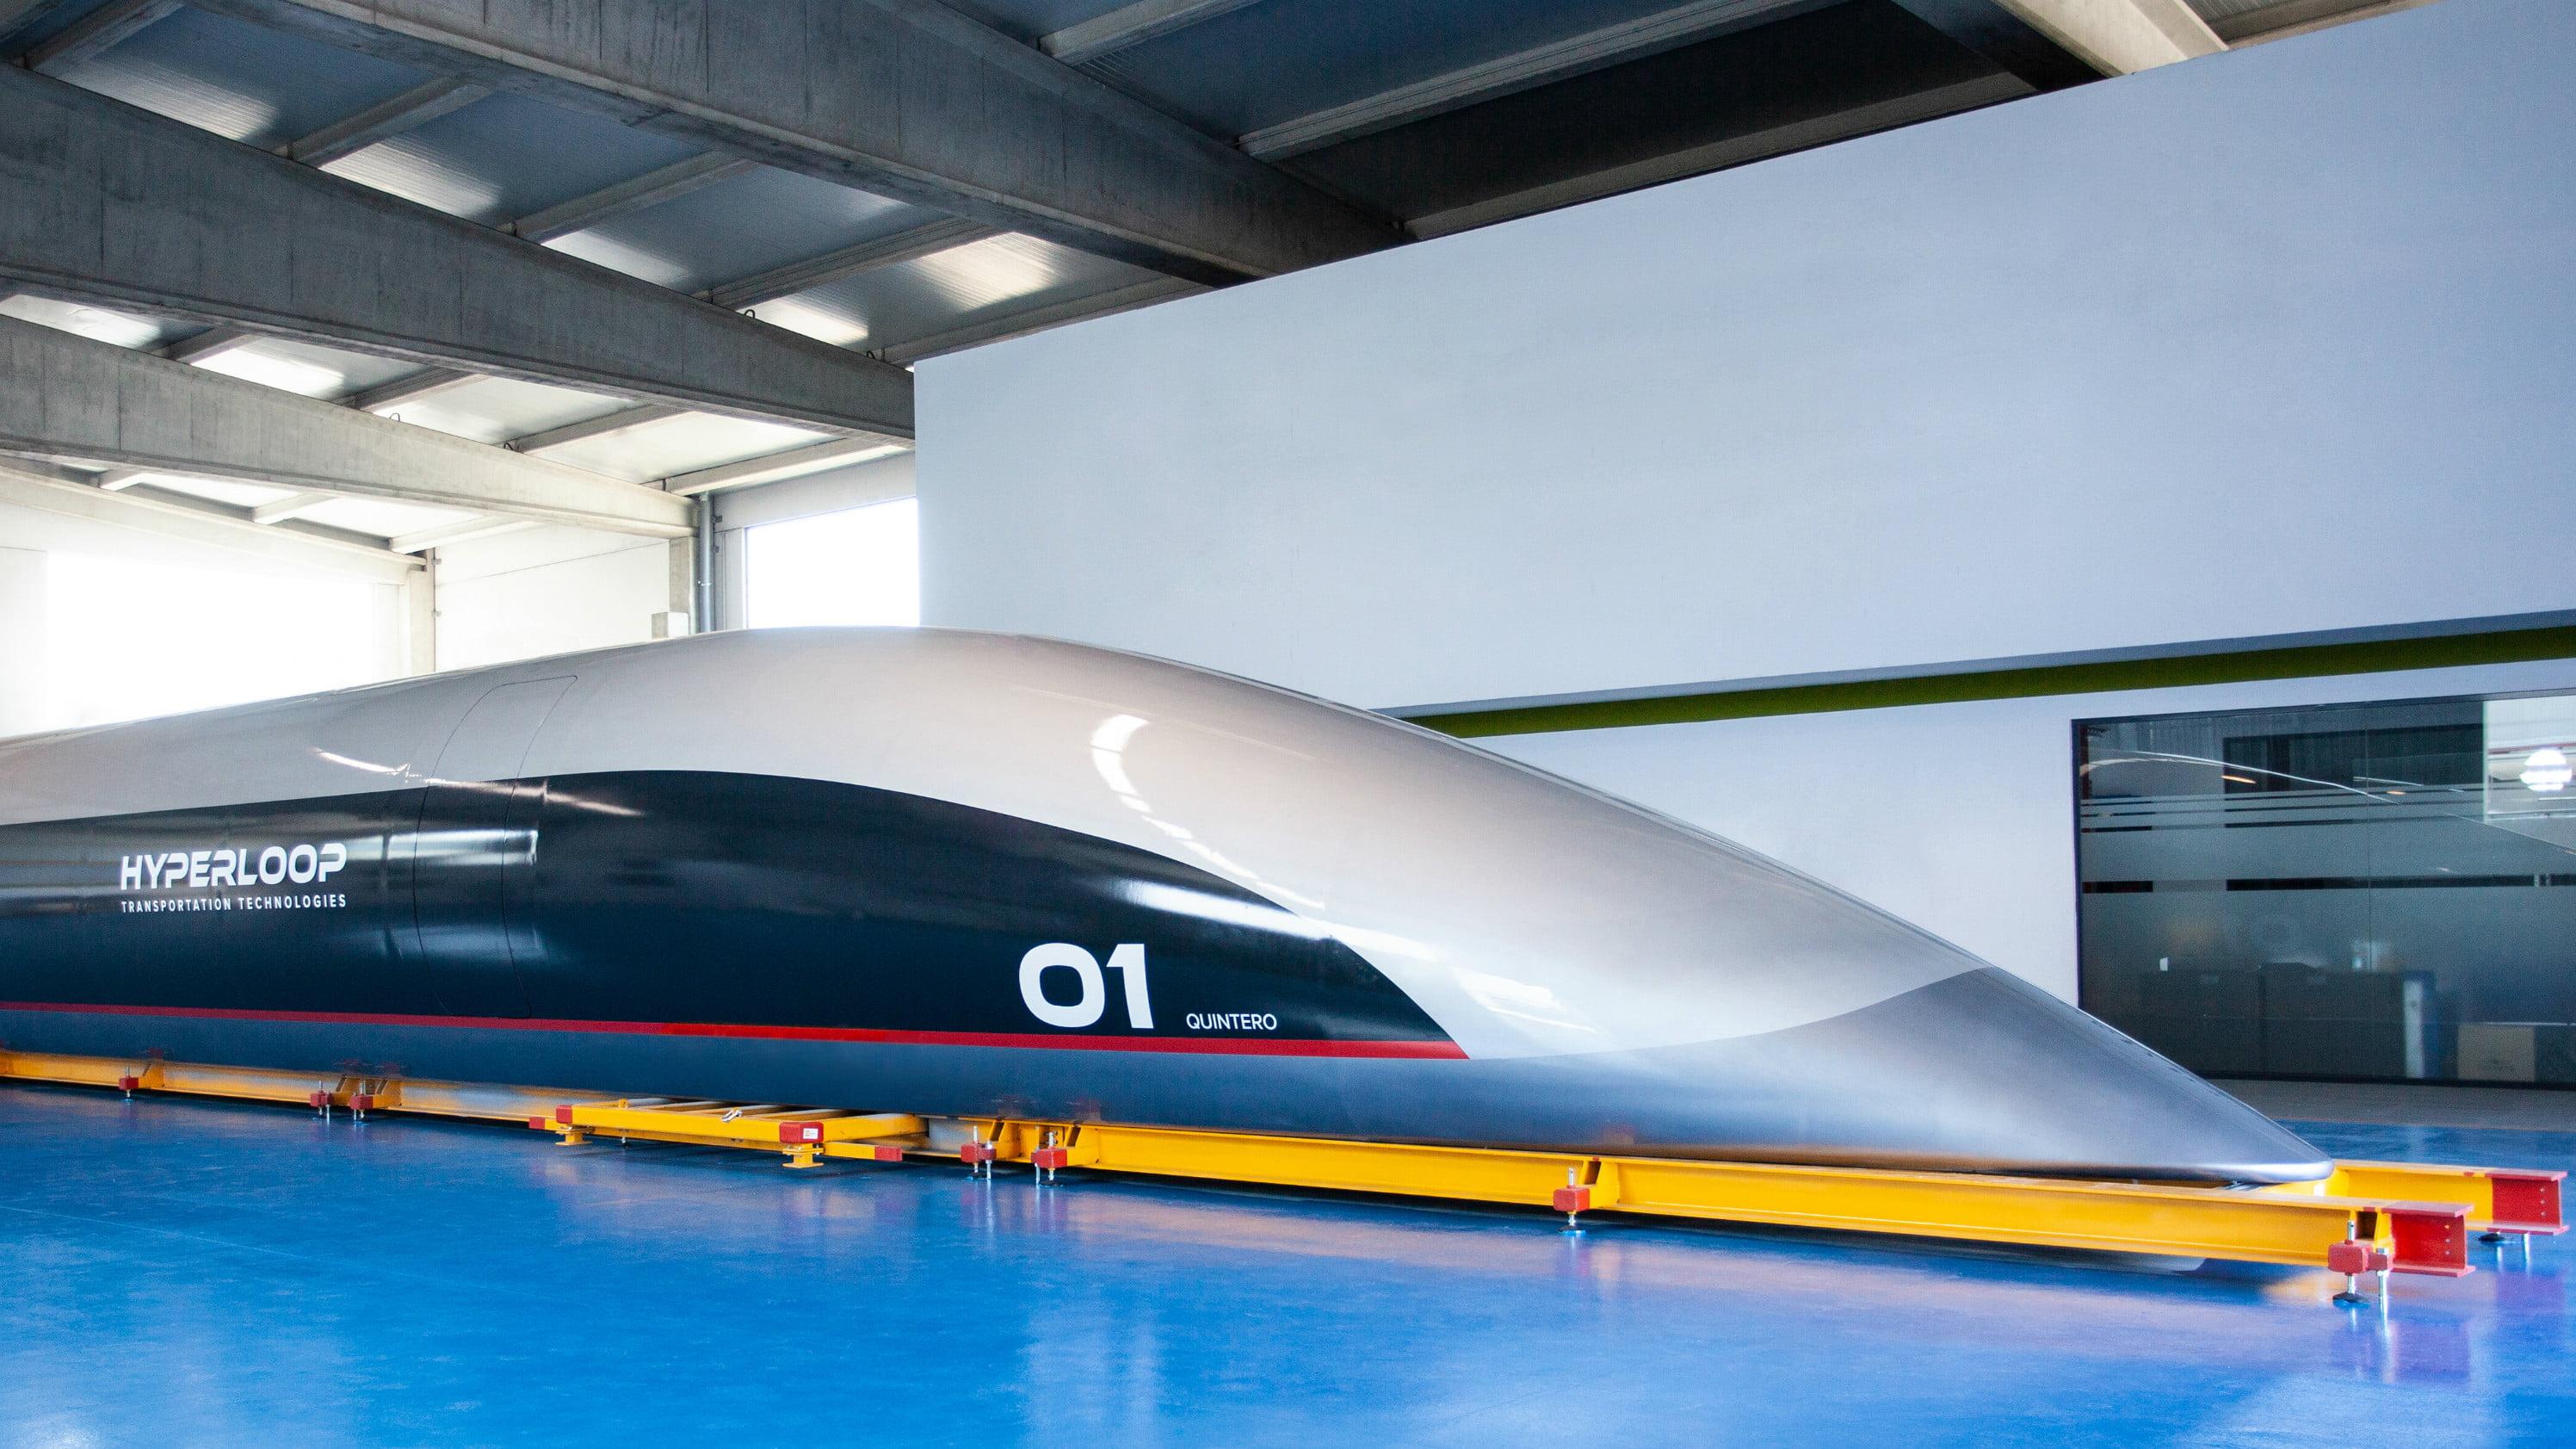 Hyperloop ไฮเปอร์ลูป คาดิซ สเปน